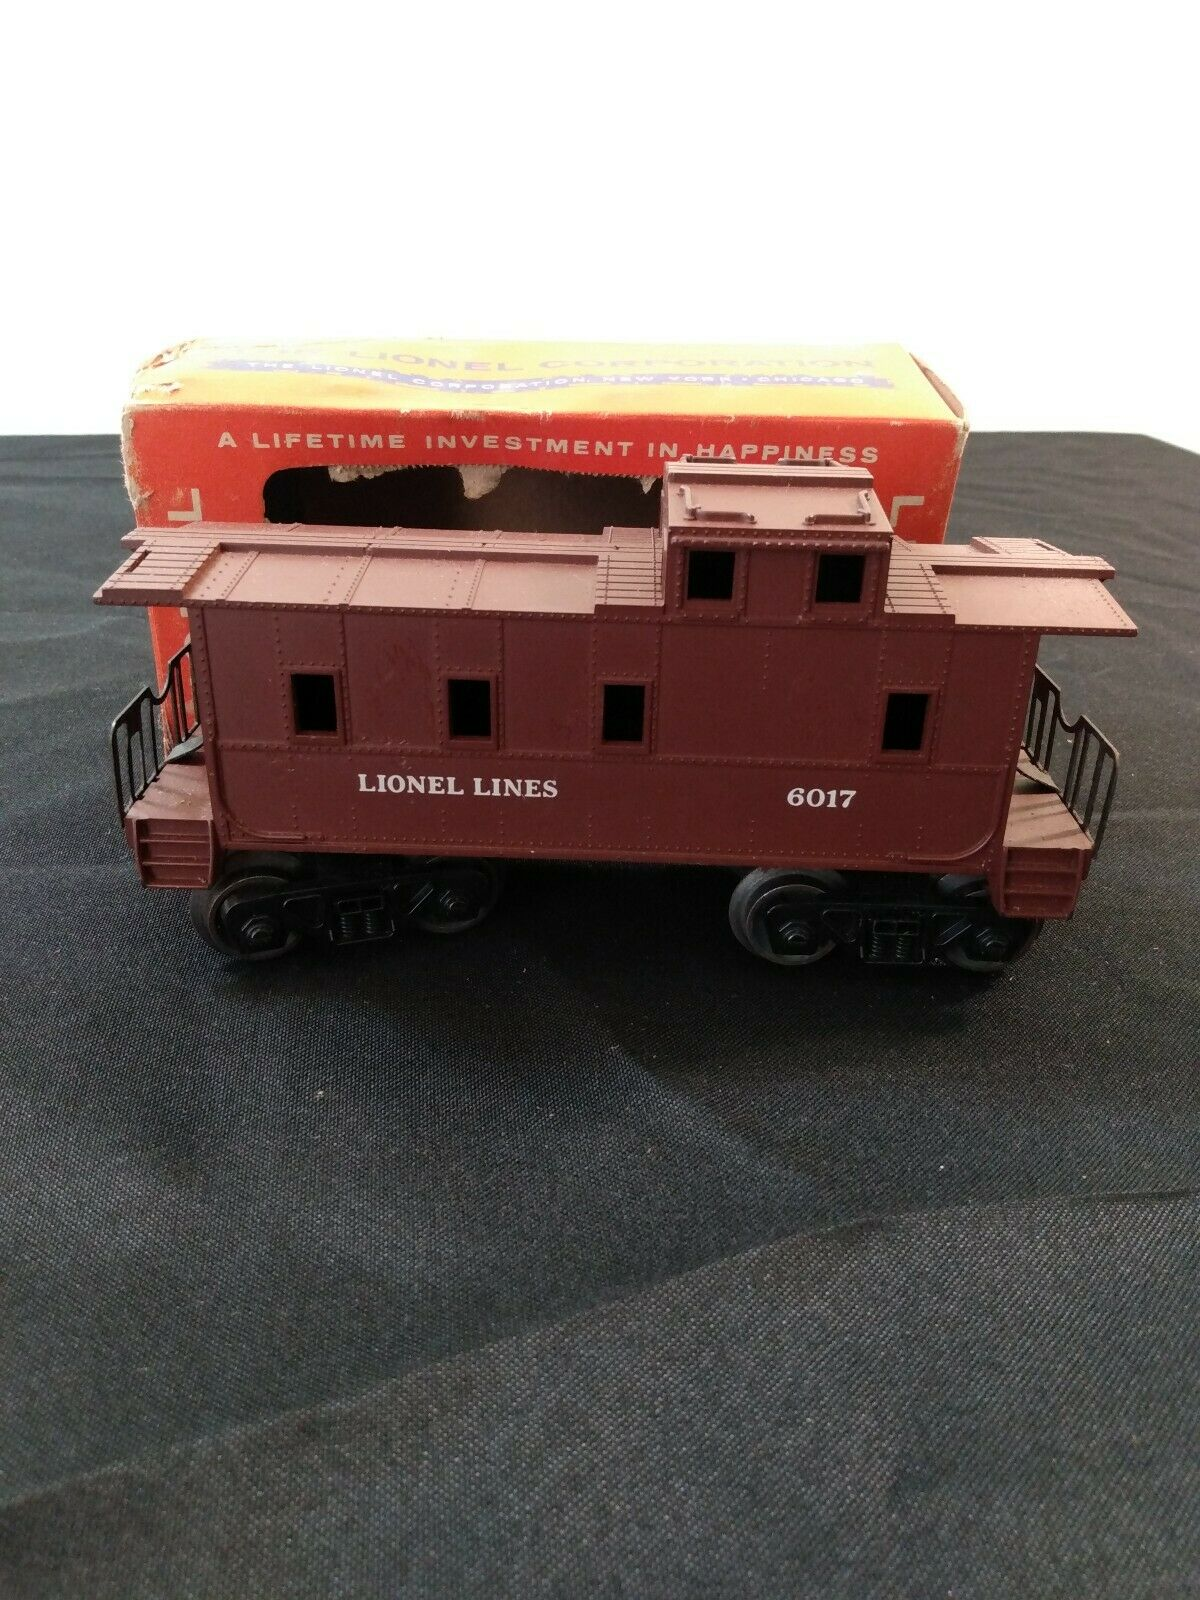 ORIGINALE del dopo guerra Lionel 60171 VAGONE CON scatola 6017 Marronee OTTIMO STATO TRENI